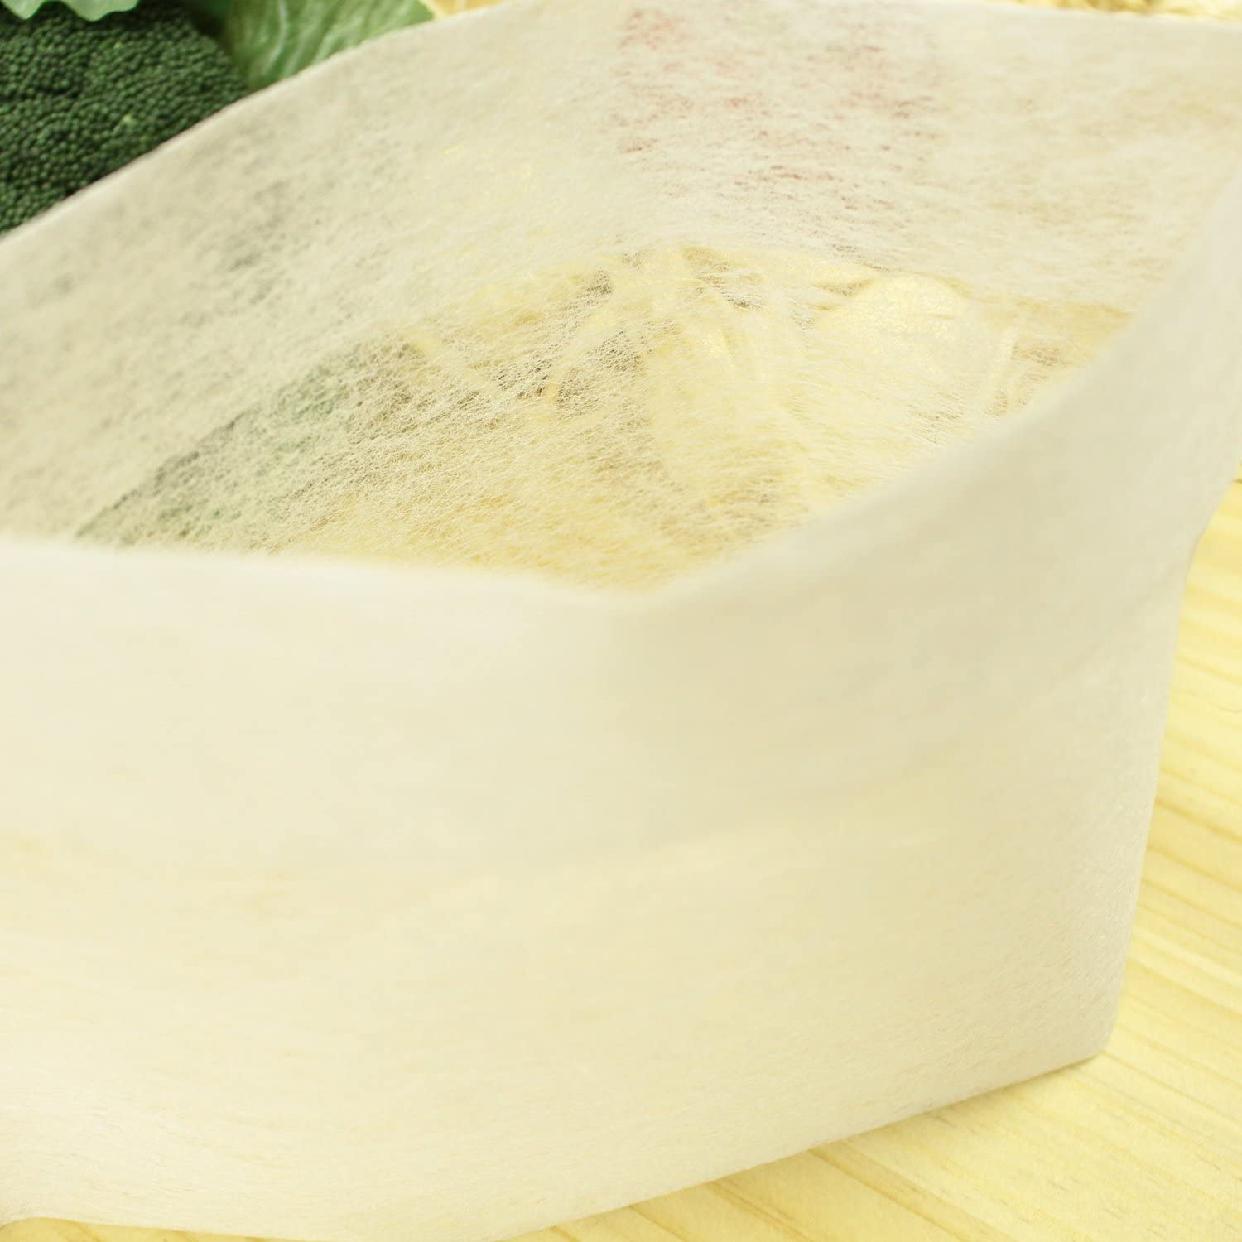 金星製紙 水切り ゴミ袋 三角コーナーいらず 自立型 40枚入りの商品画像4